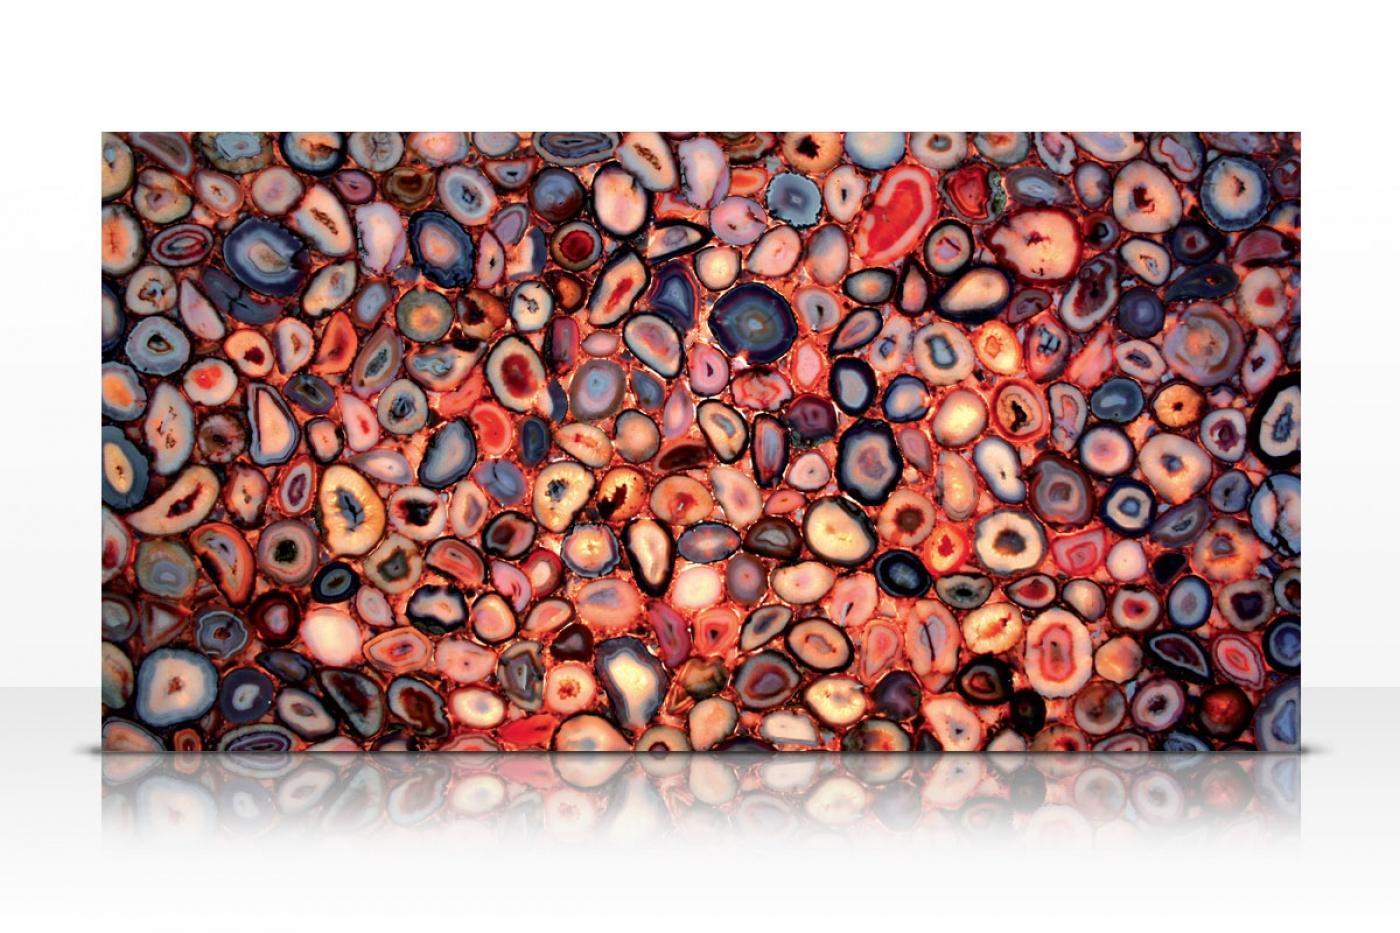 Granit Red Agate slab backlit